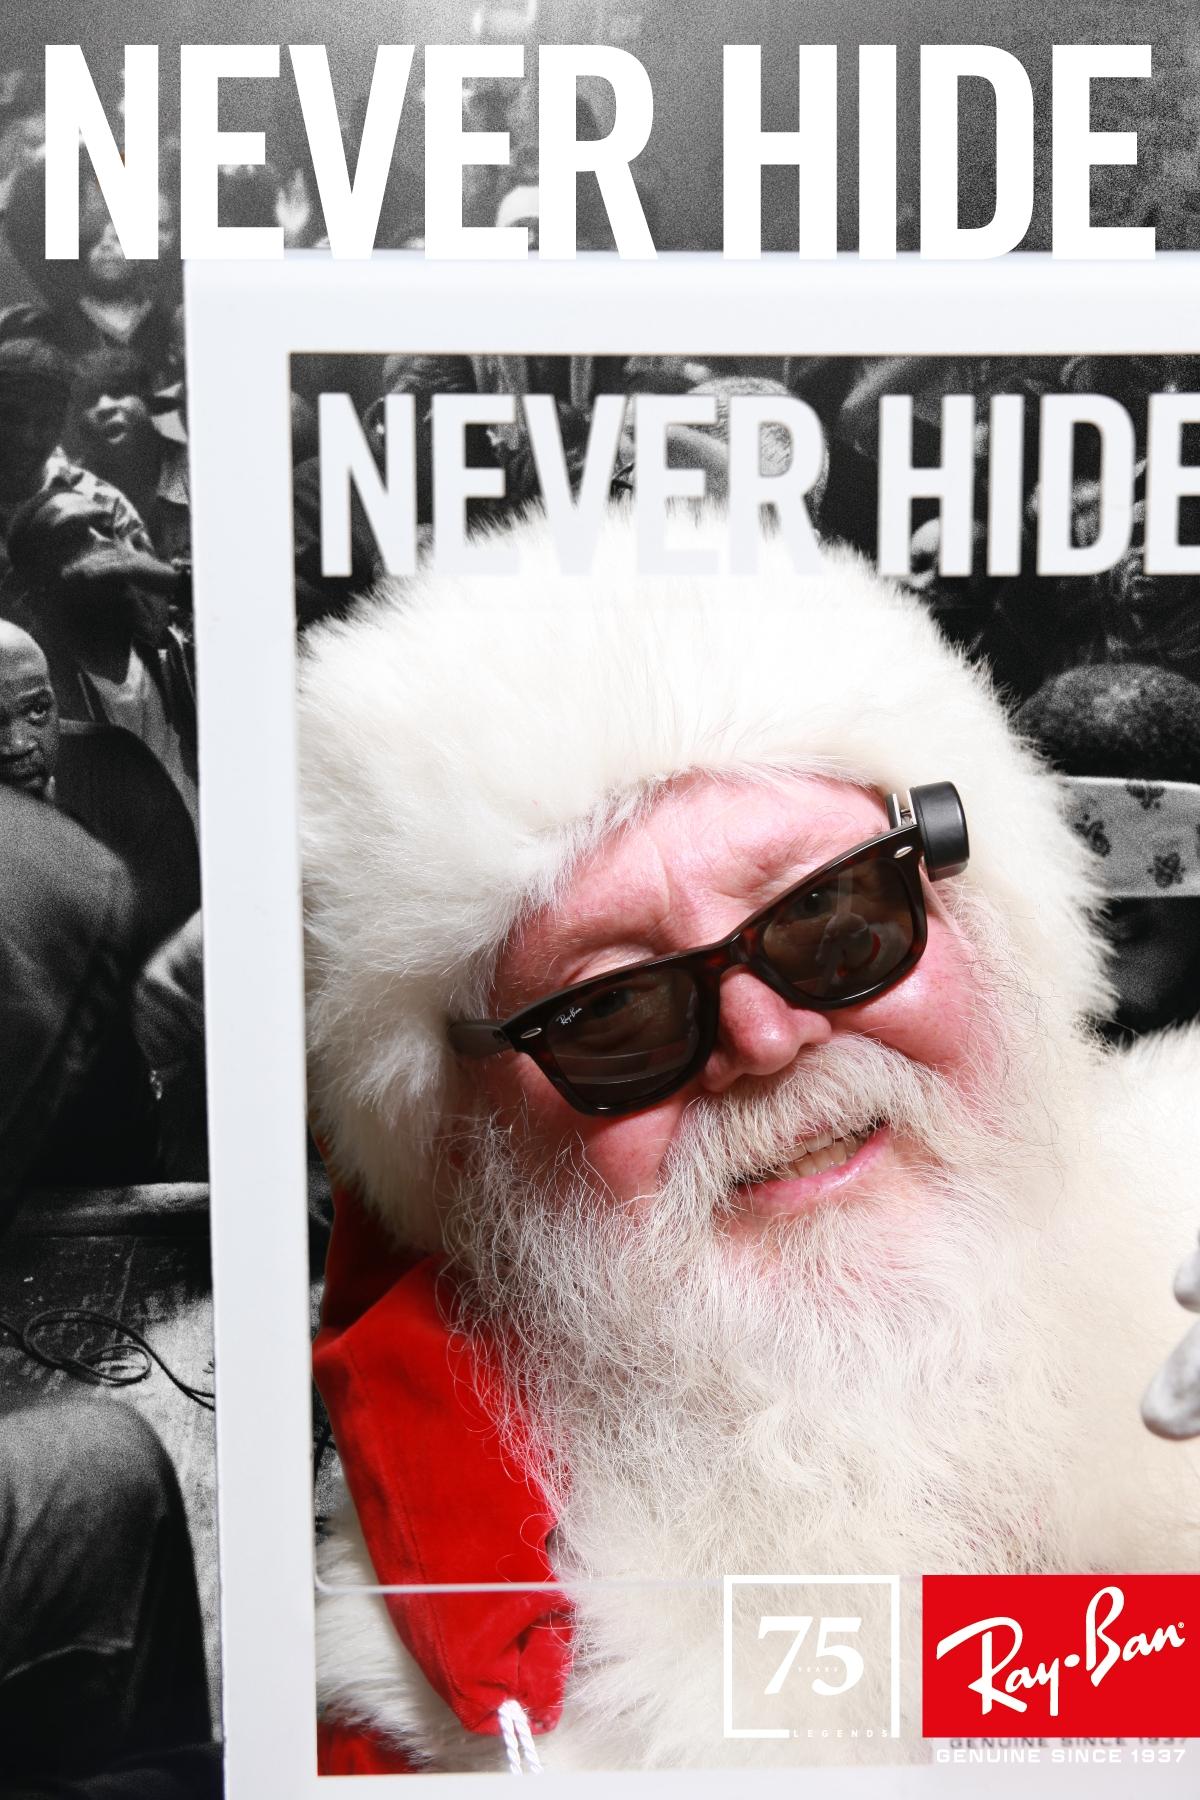 Ray-Ban @ Nordstrom Los Cerritos December 2nd 2012